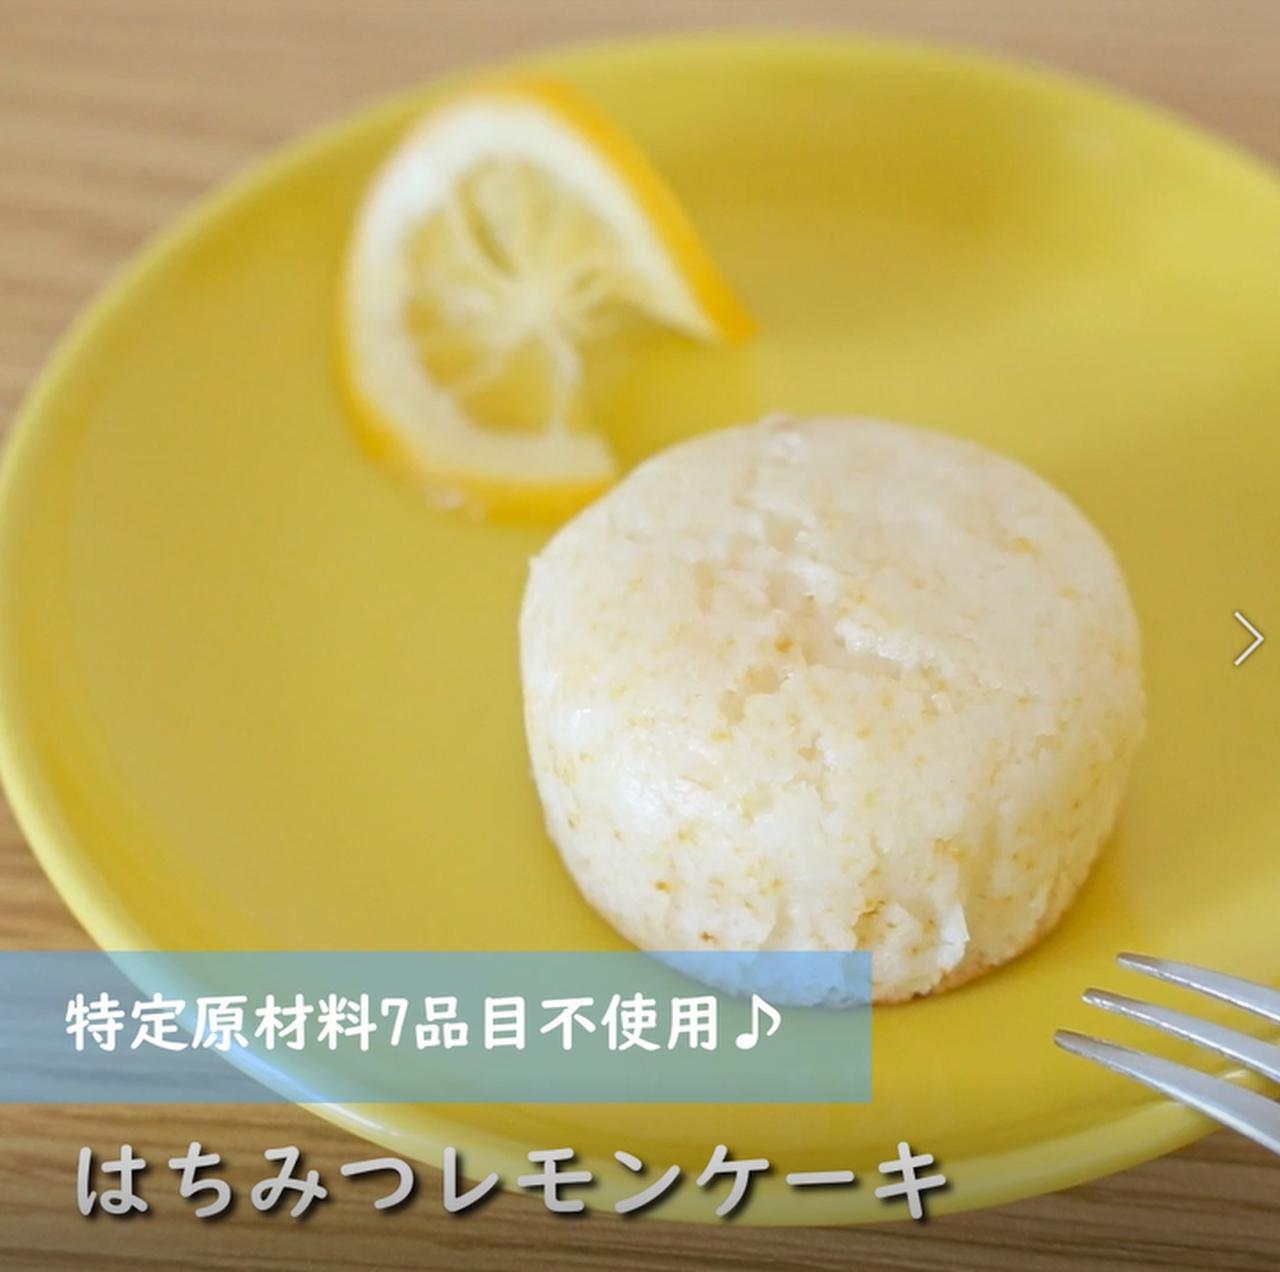 画像: さっぱり美味しい!はちみつレモンケーキ - 君とごはん